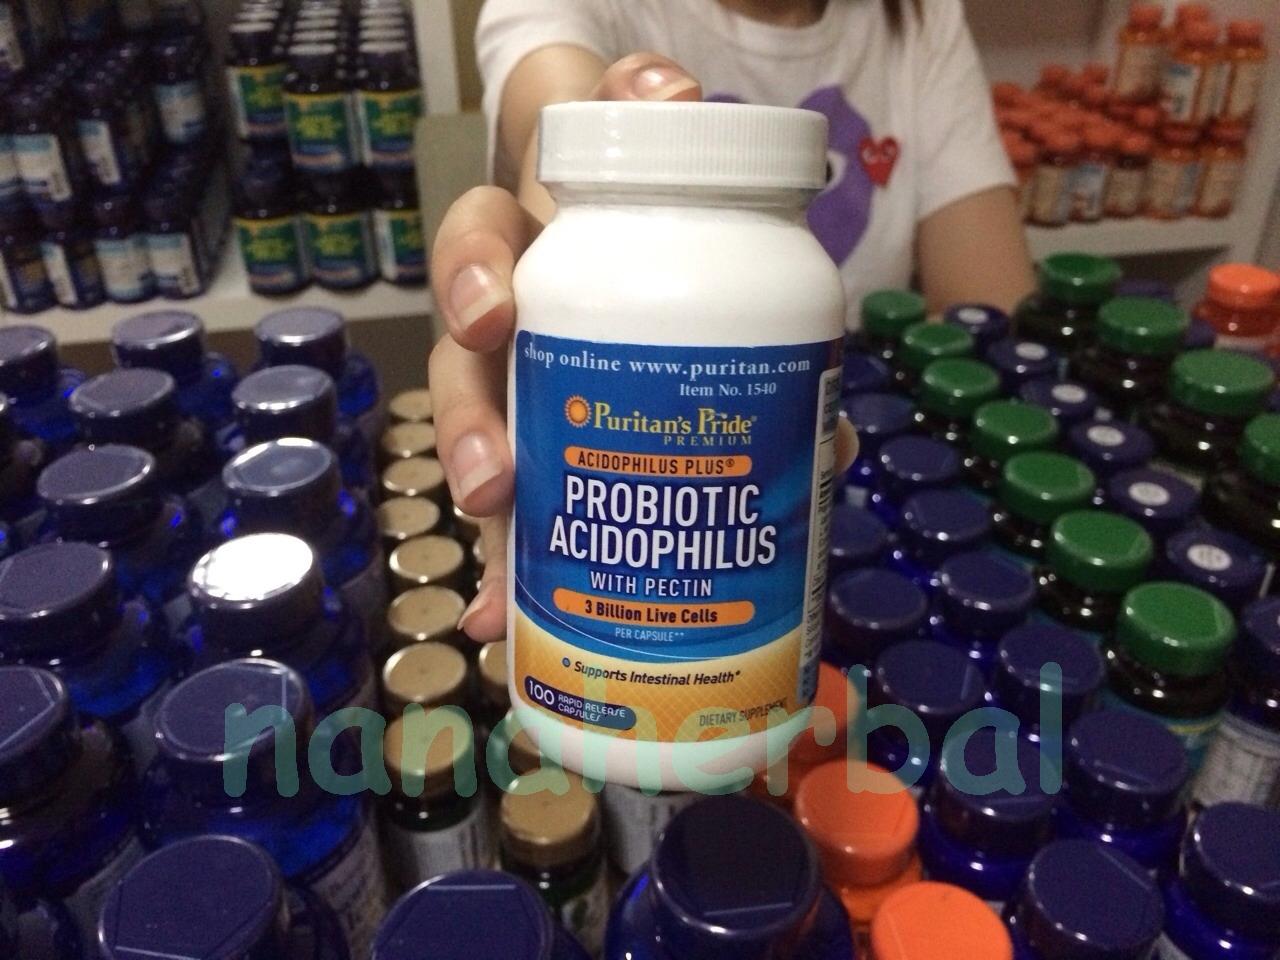 Probiotic Acidophilus with Pectin 3 billion / 100 Capsules ( Puritan 's Pride )